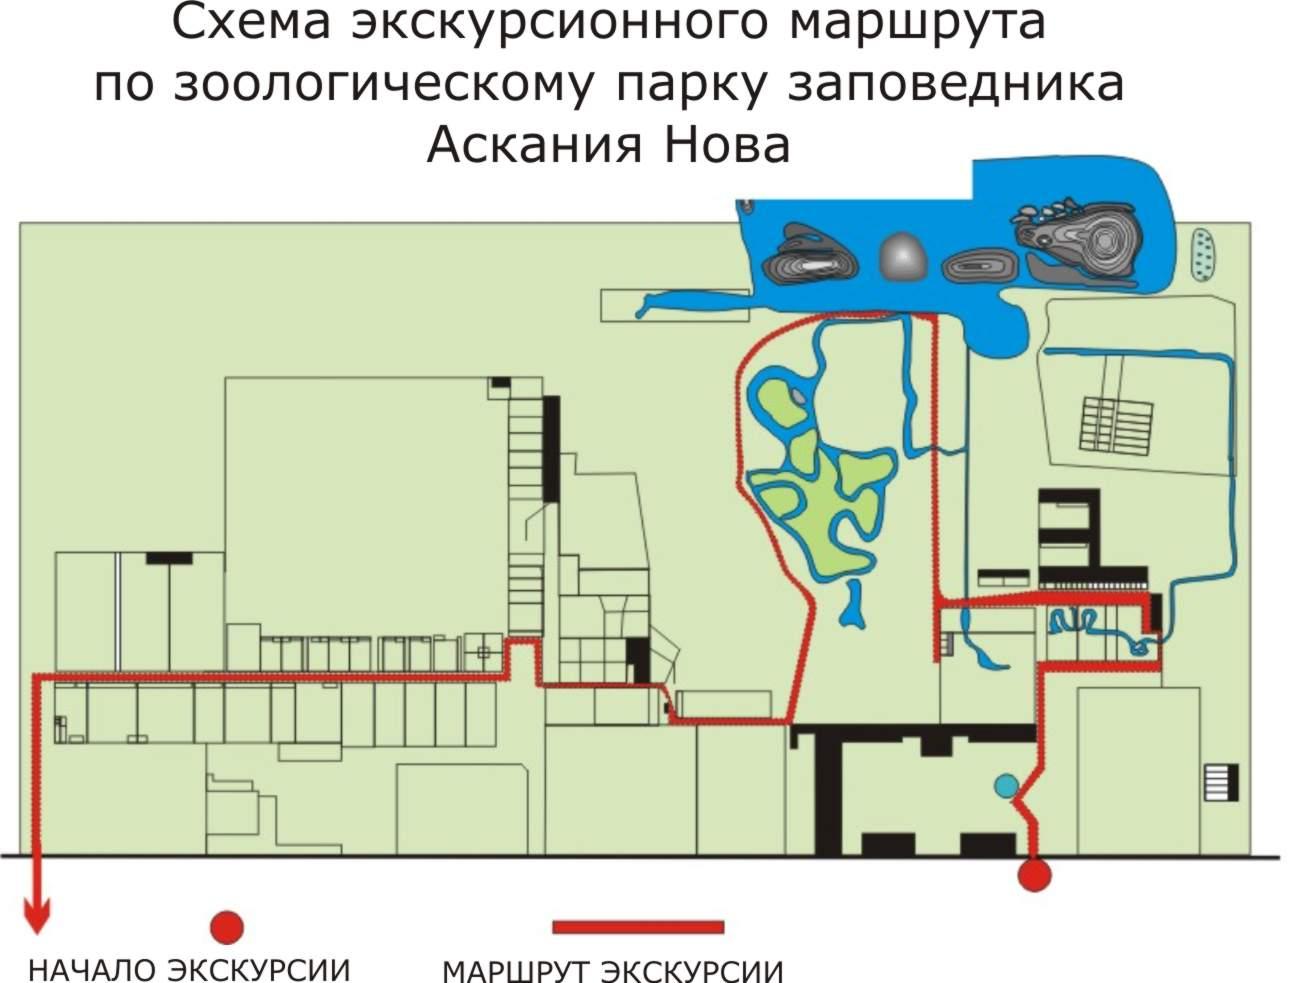 MAP OF ASKANIA 3